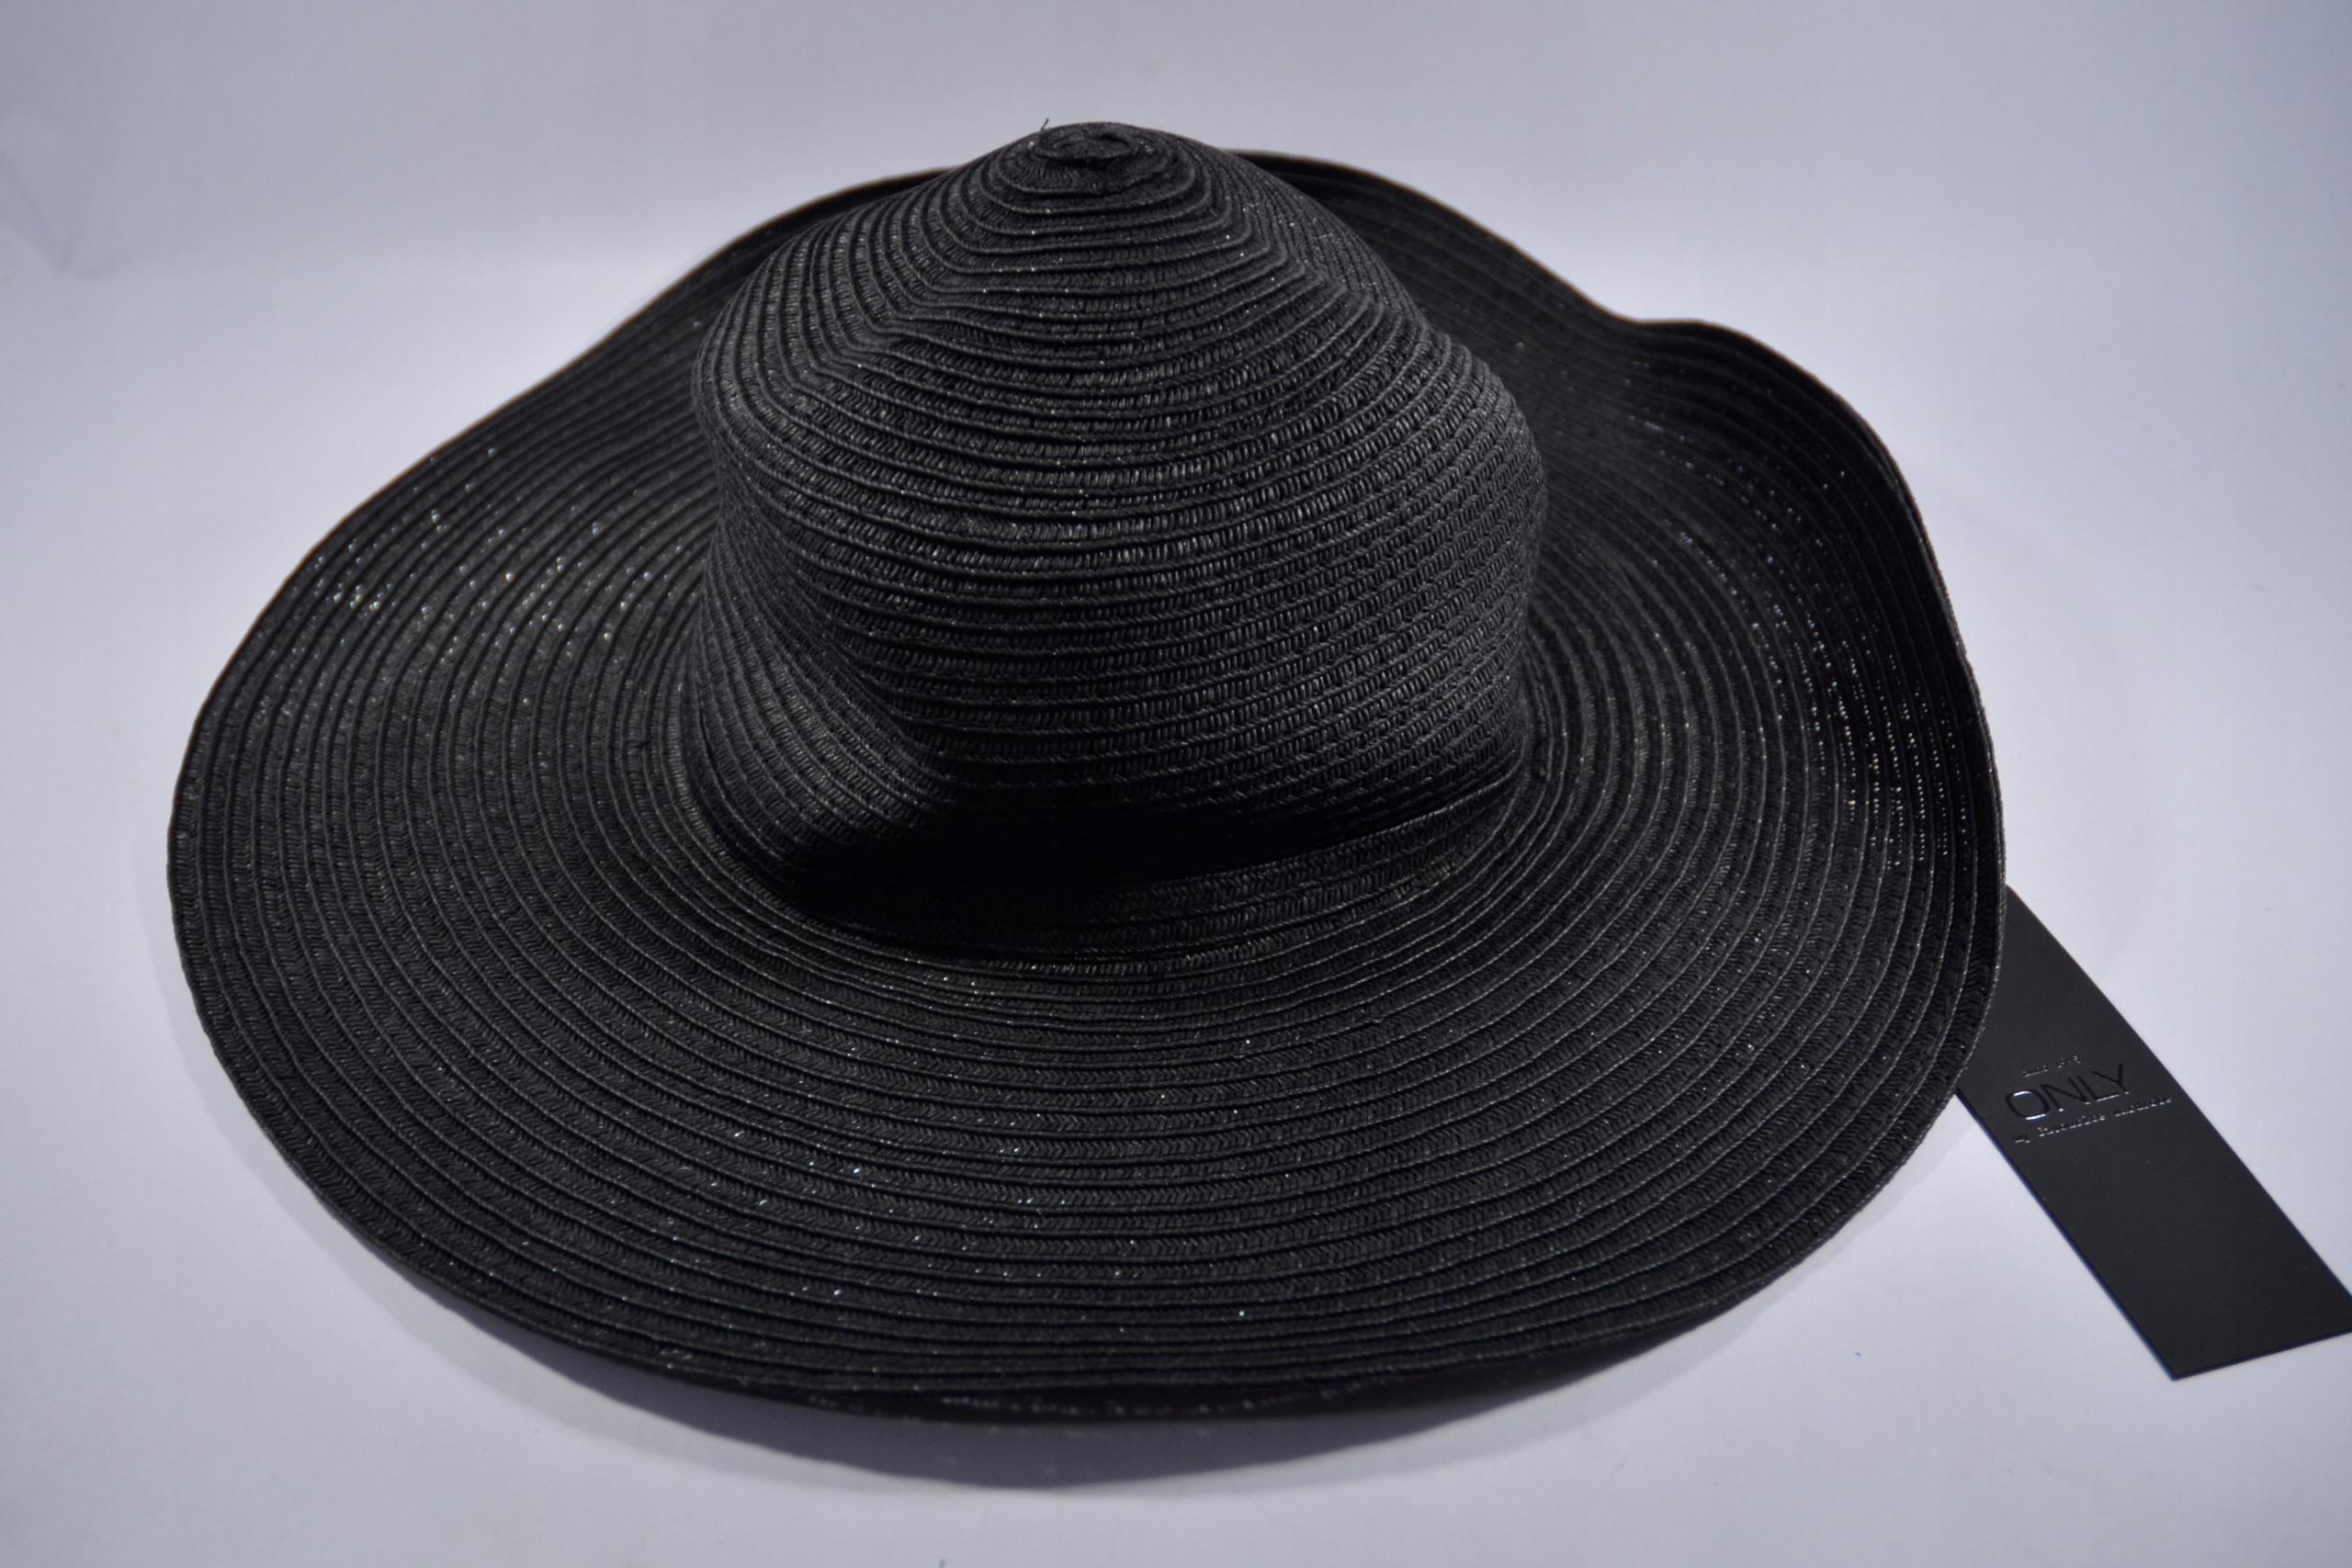 AkS1* Only kapelusz słomkowy One Size